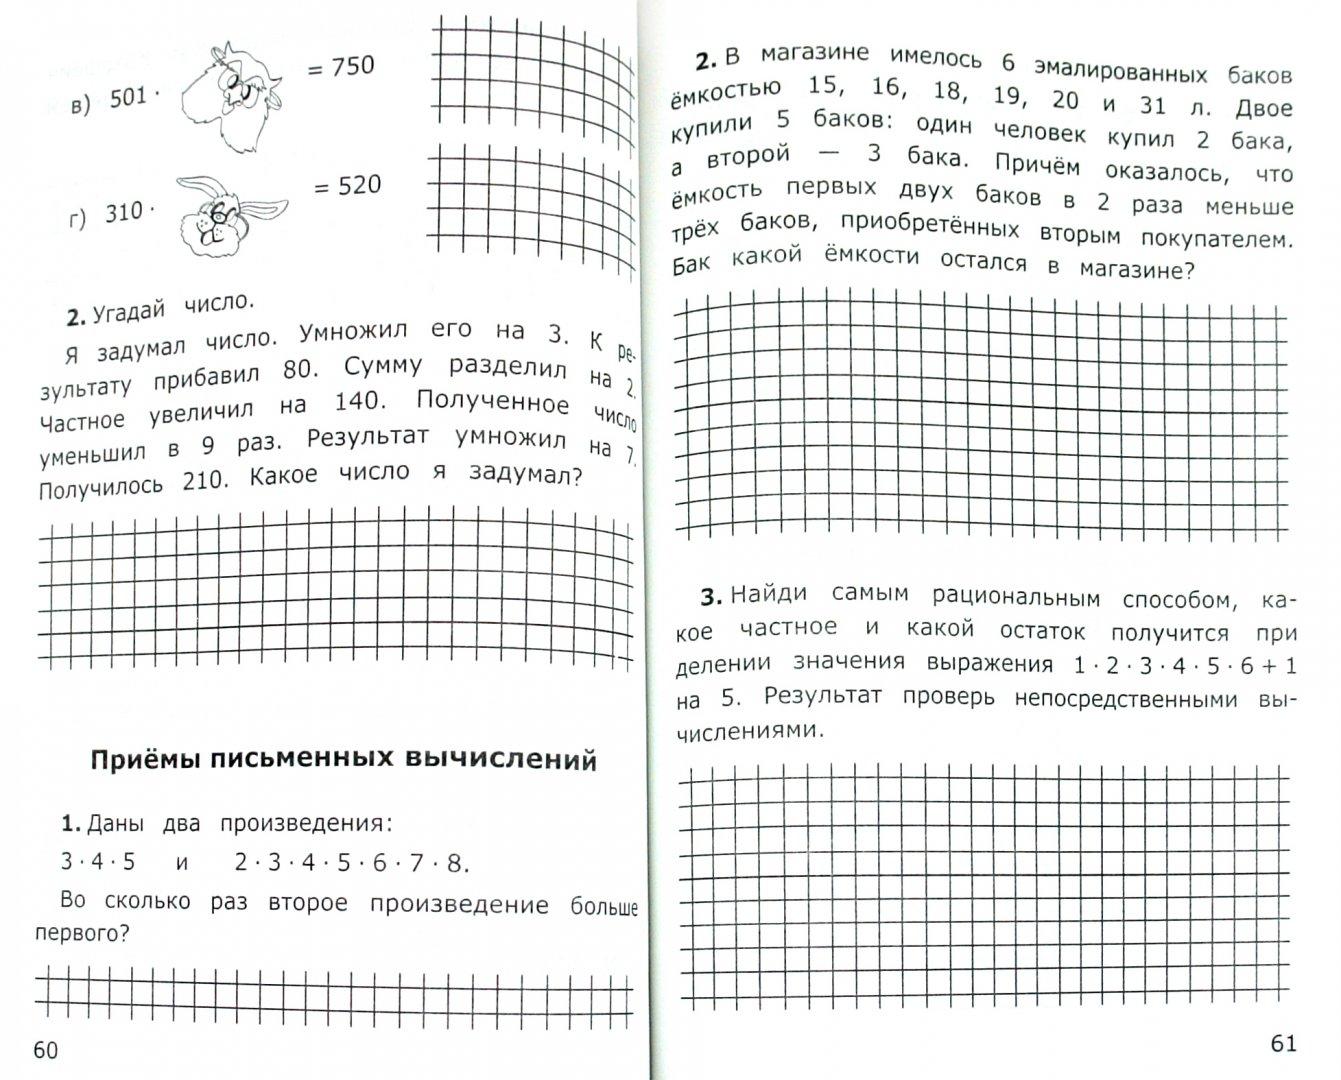 Математические задачи не стандартные с решениями гос экзамен категории в